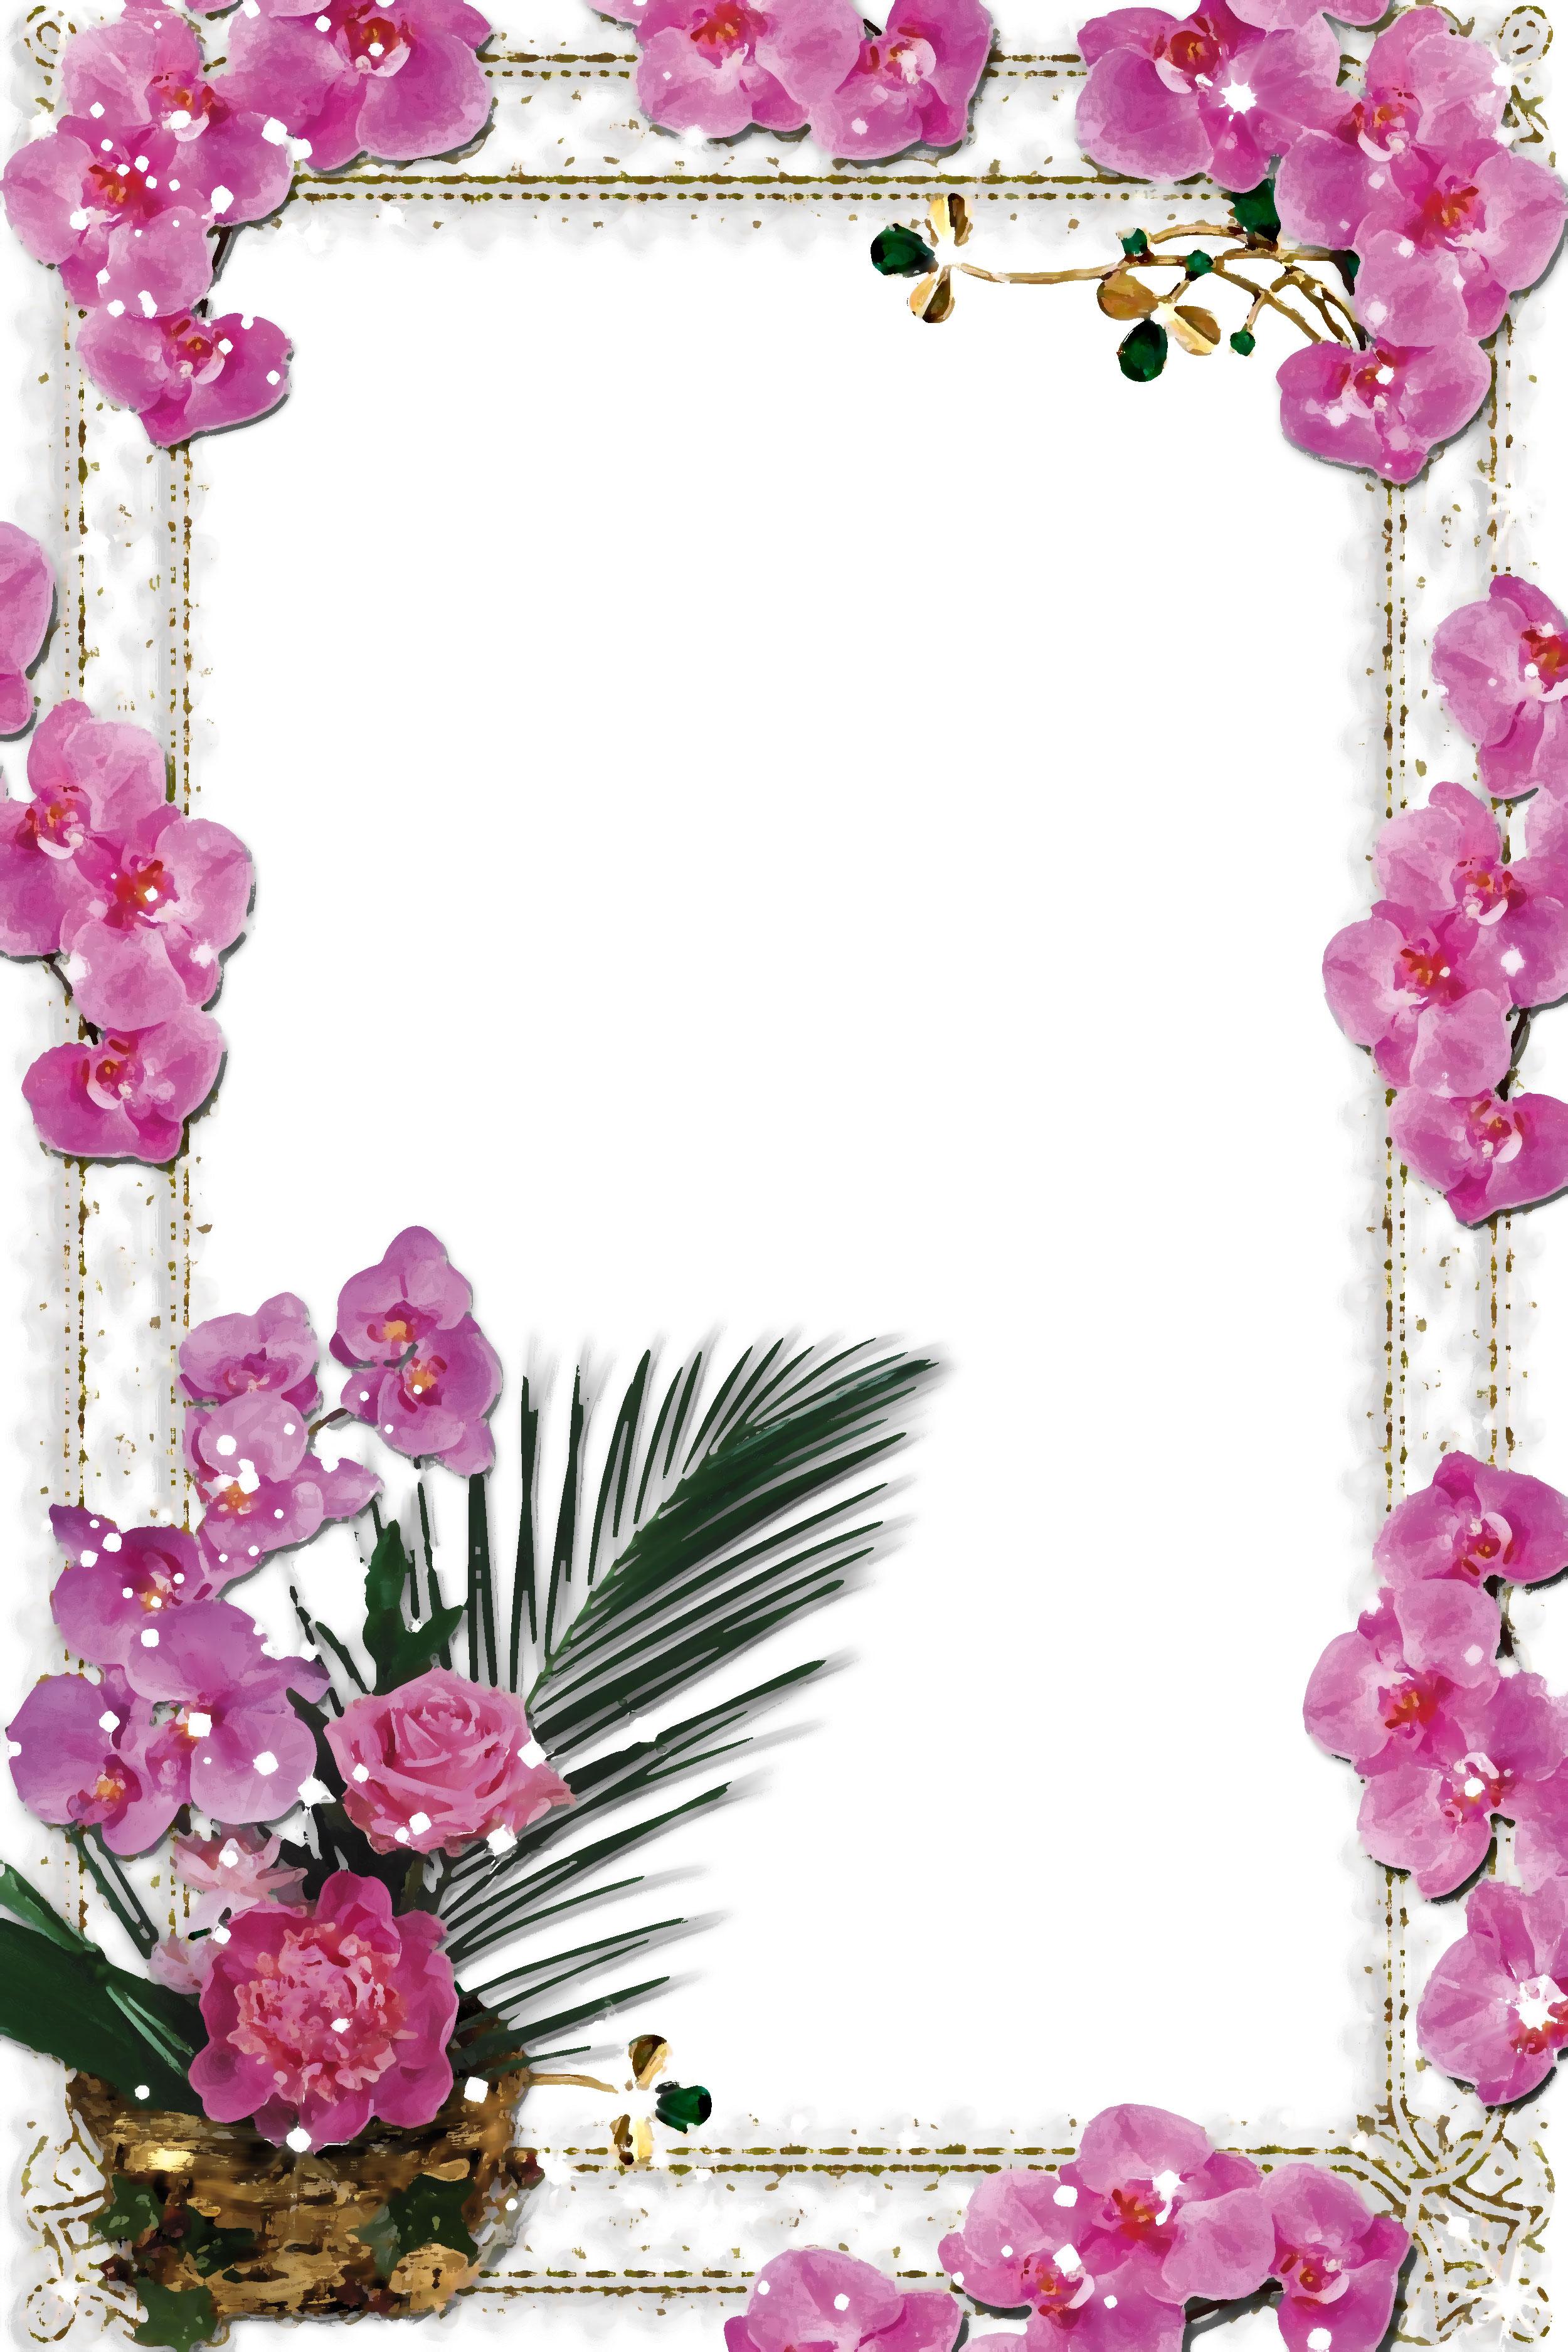 胡蝶蘭の画像イラストフリー素材no071胡蝶蘭の壁紙背景